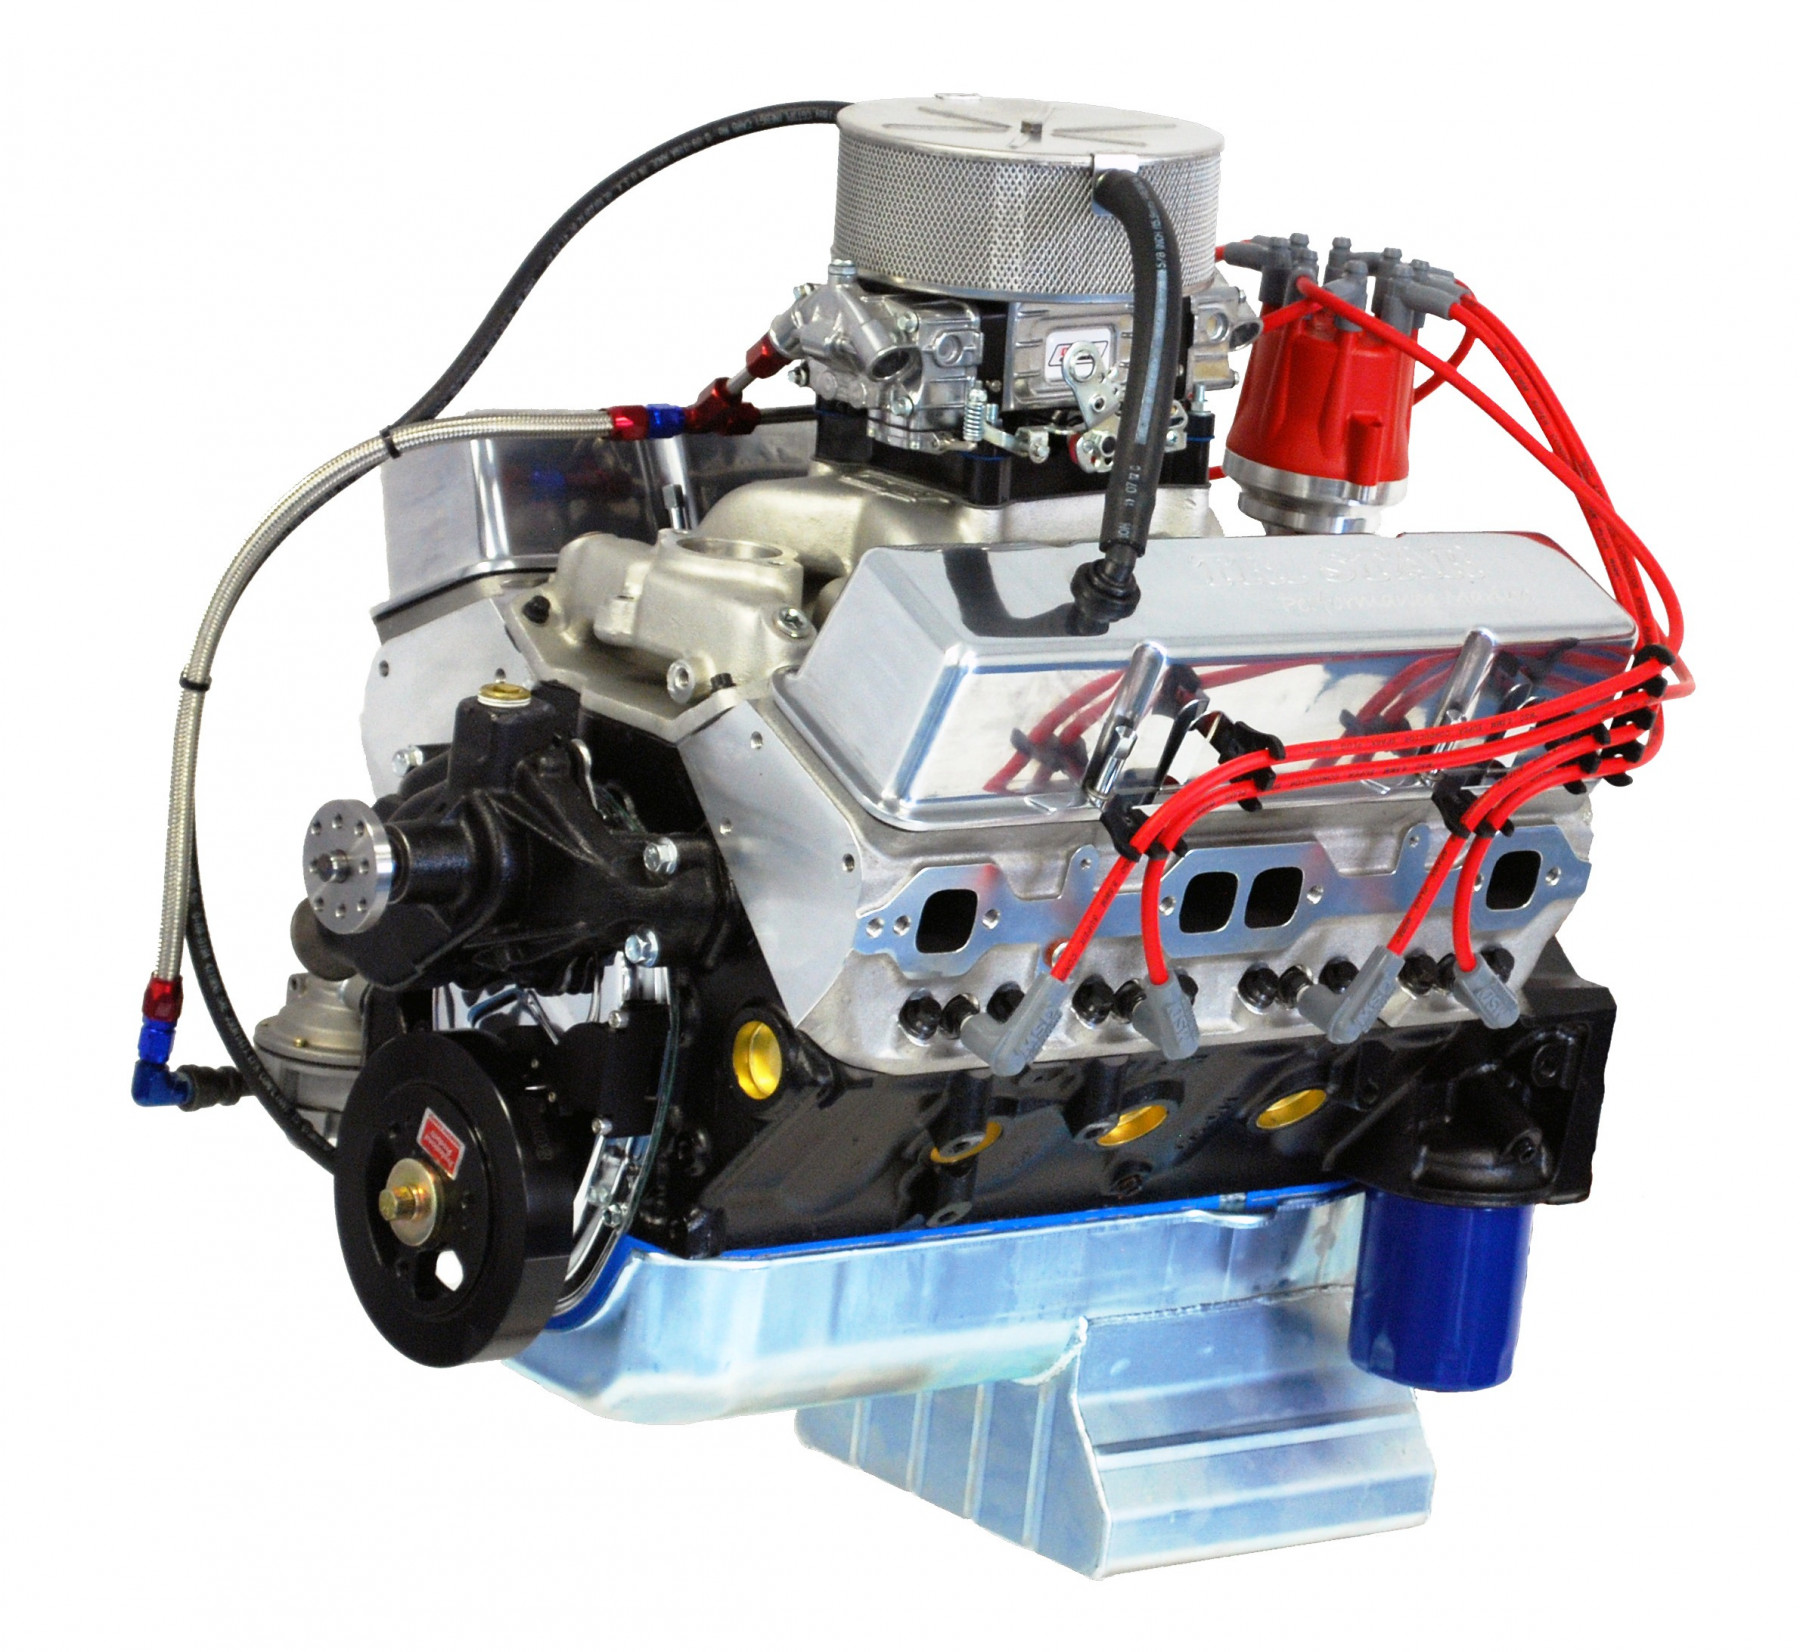 Chevy Marine Engine 406 Chevy Small Block Chevy Hurricane